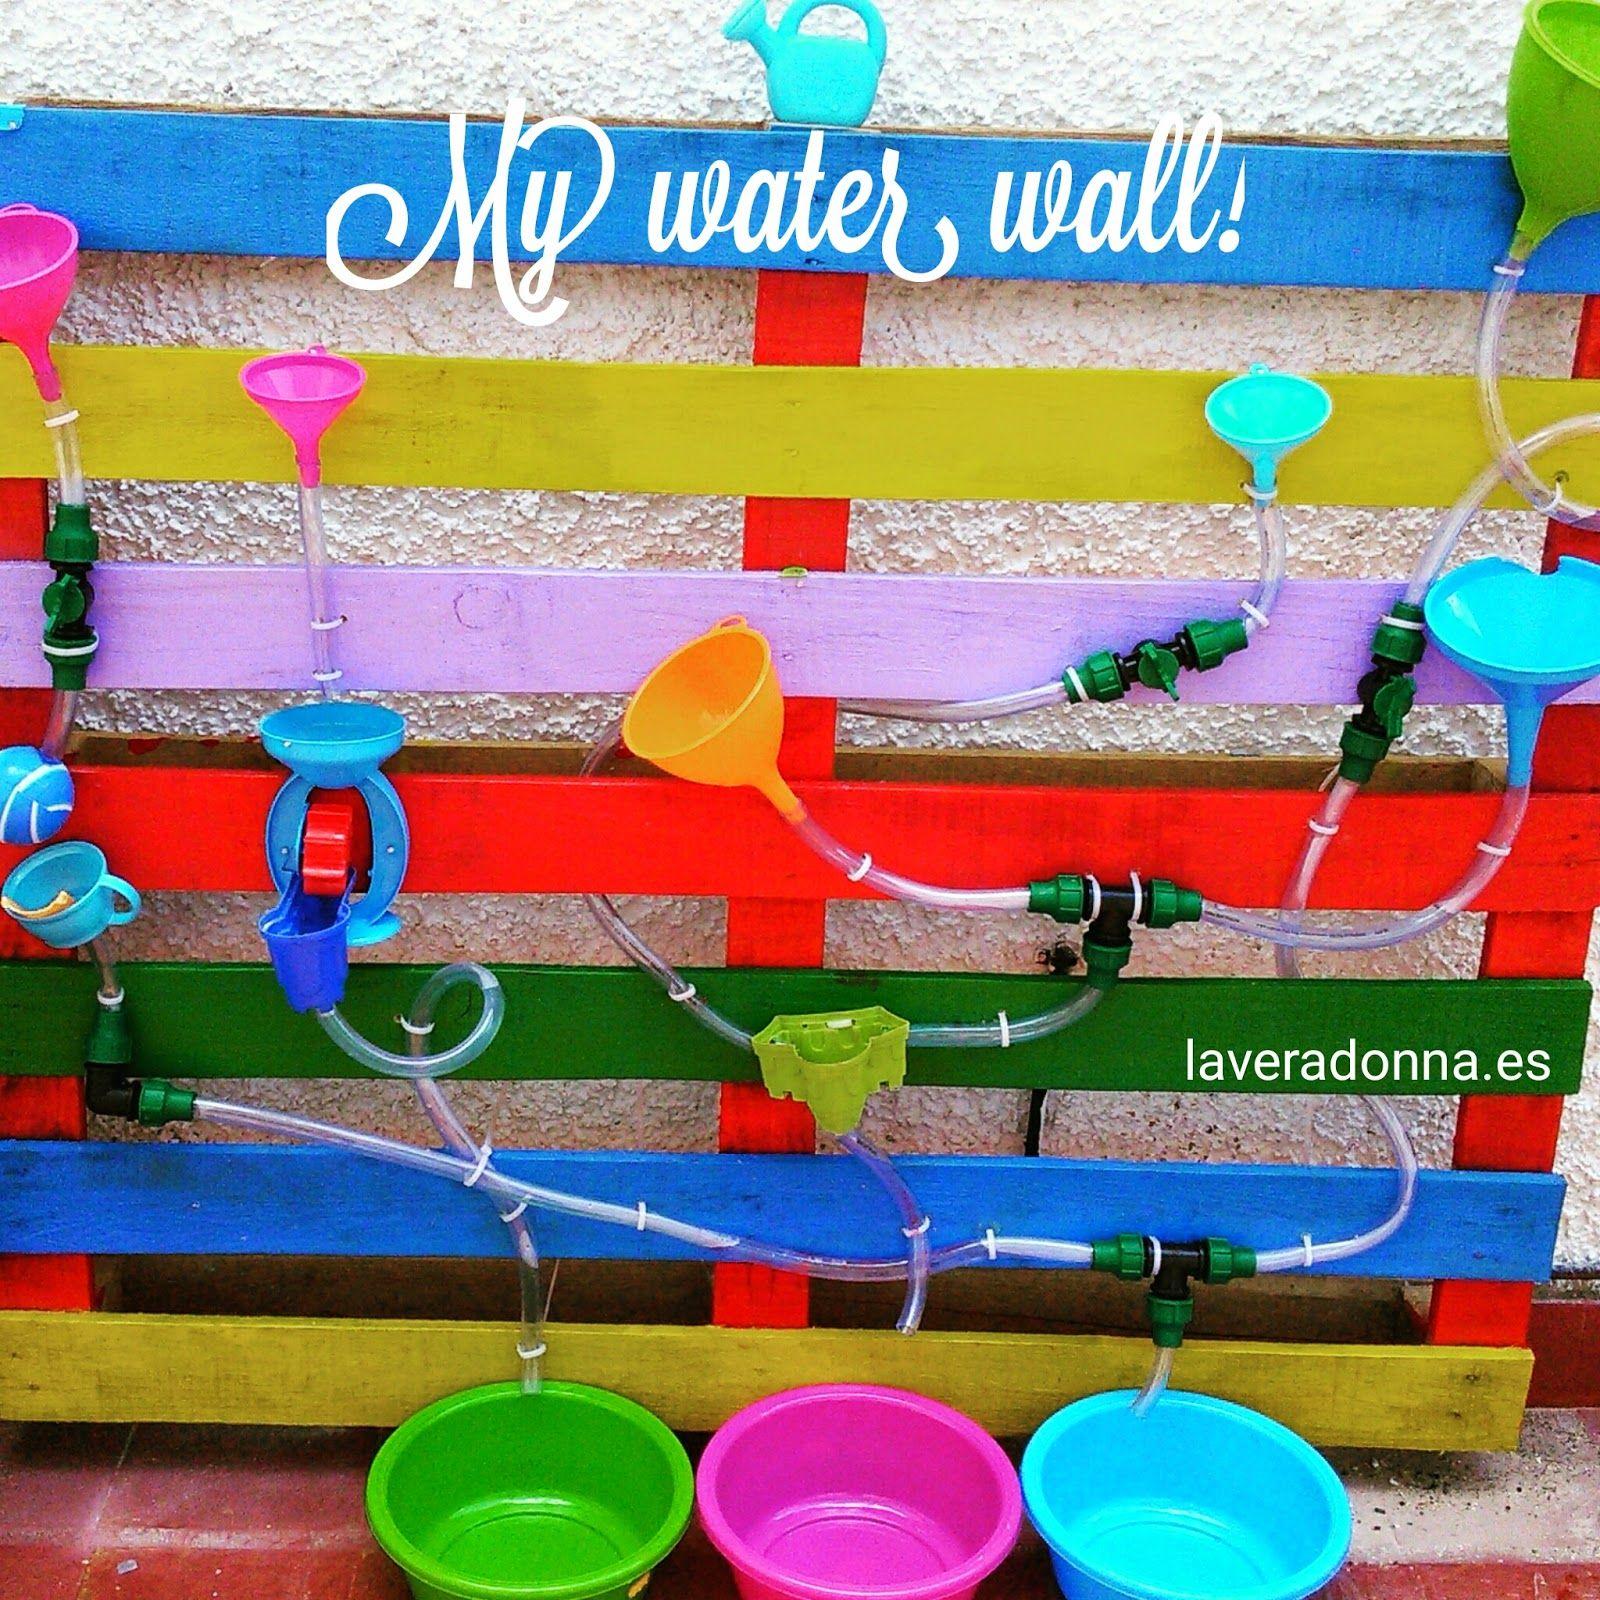 Circuito Juegos Para Niños : Pequefelicidad cÓmo fabricar una pared de agua para niÑos